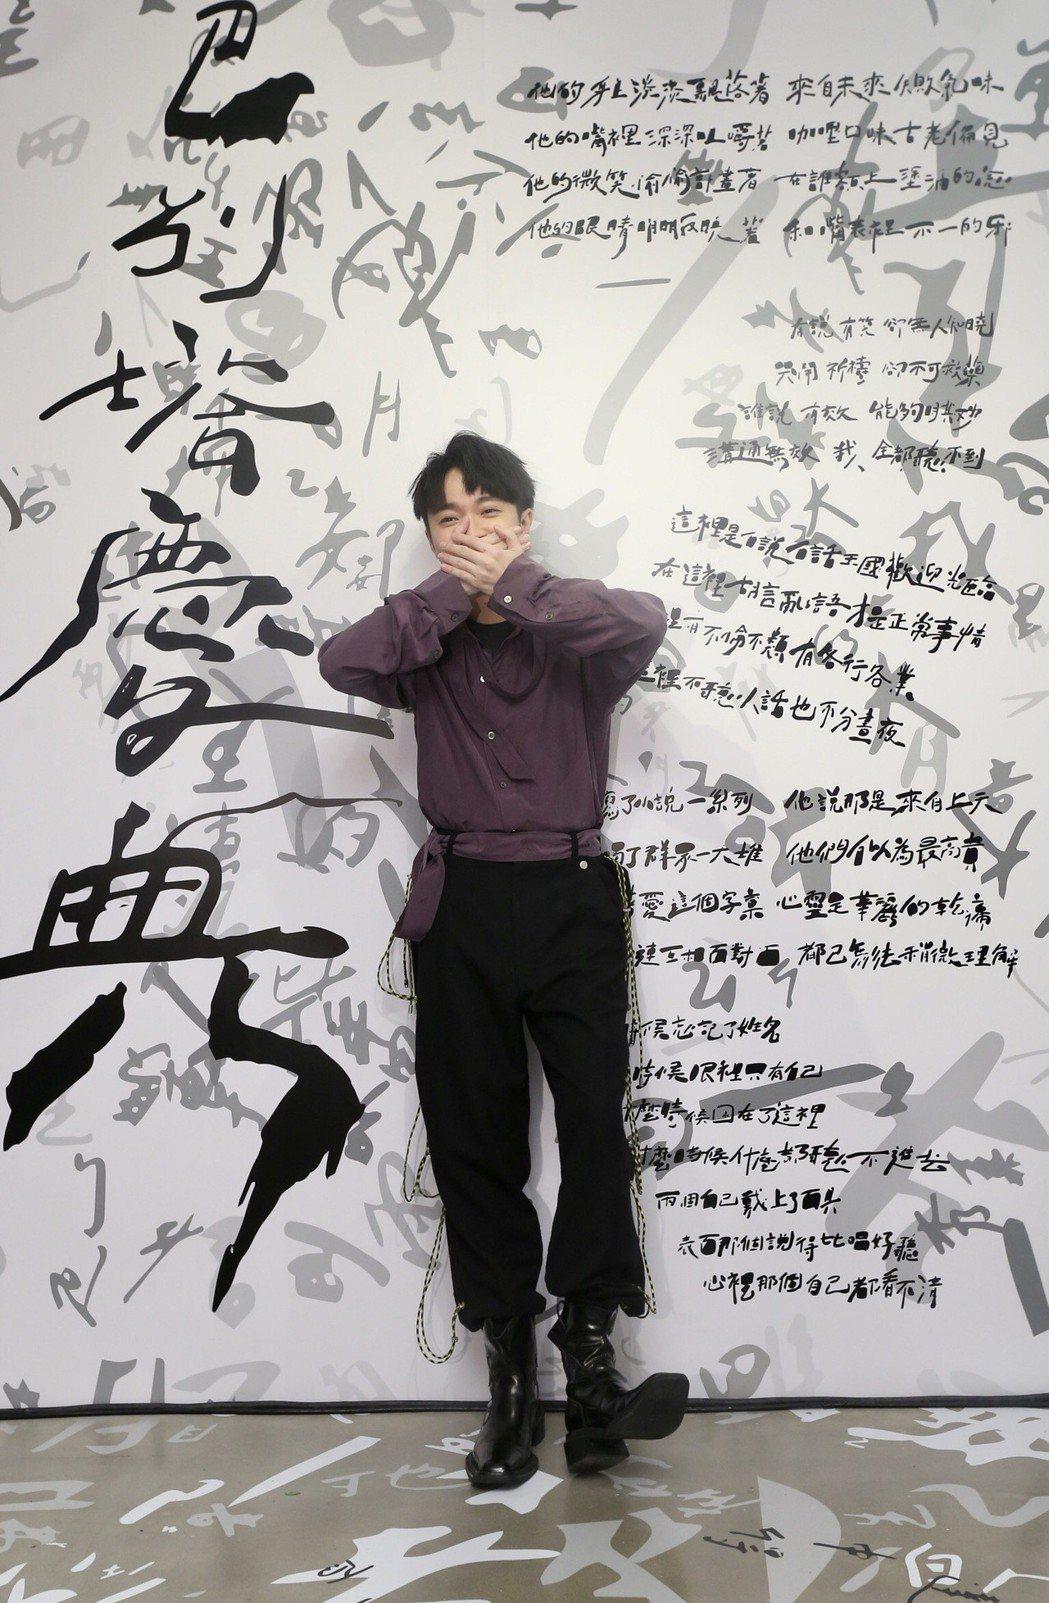 吳青峰時隔一年推出「巴別塔慶典」,講述溝通不良造成許多社會亂象。記者許正宏/攝影